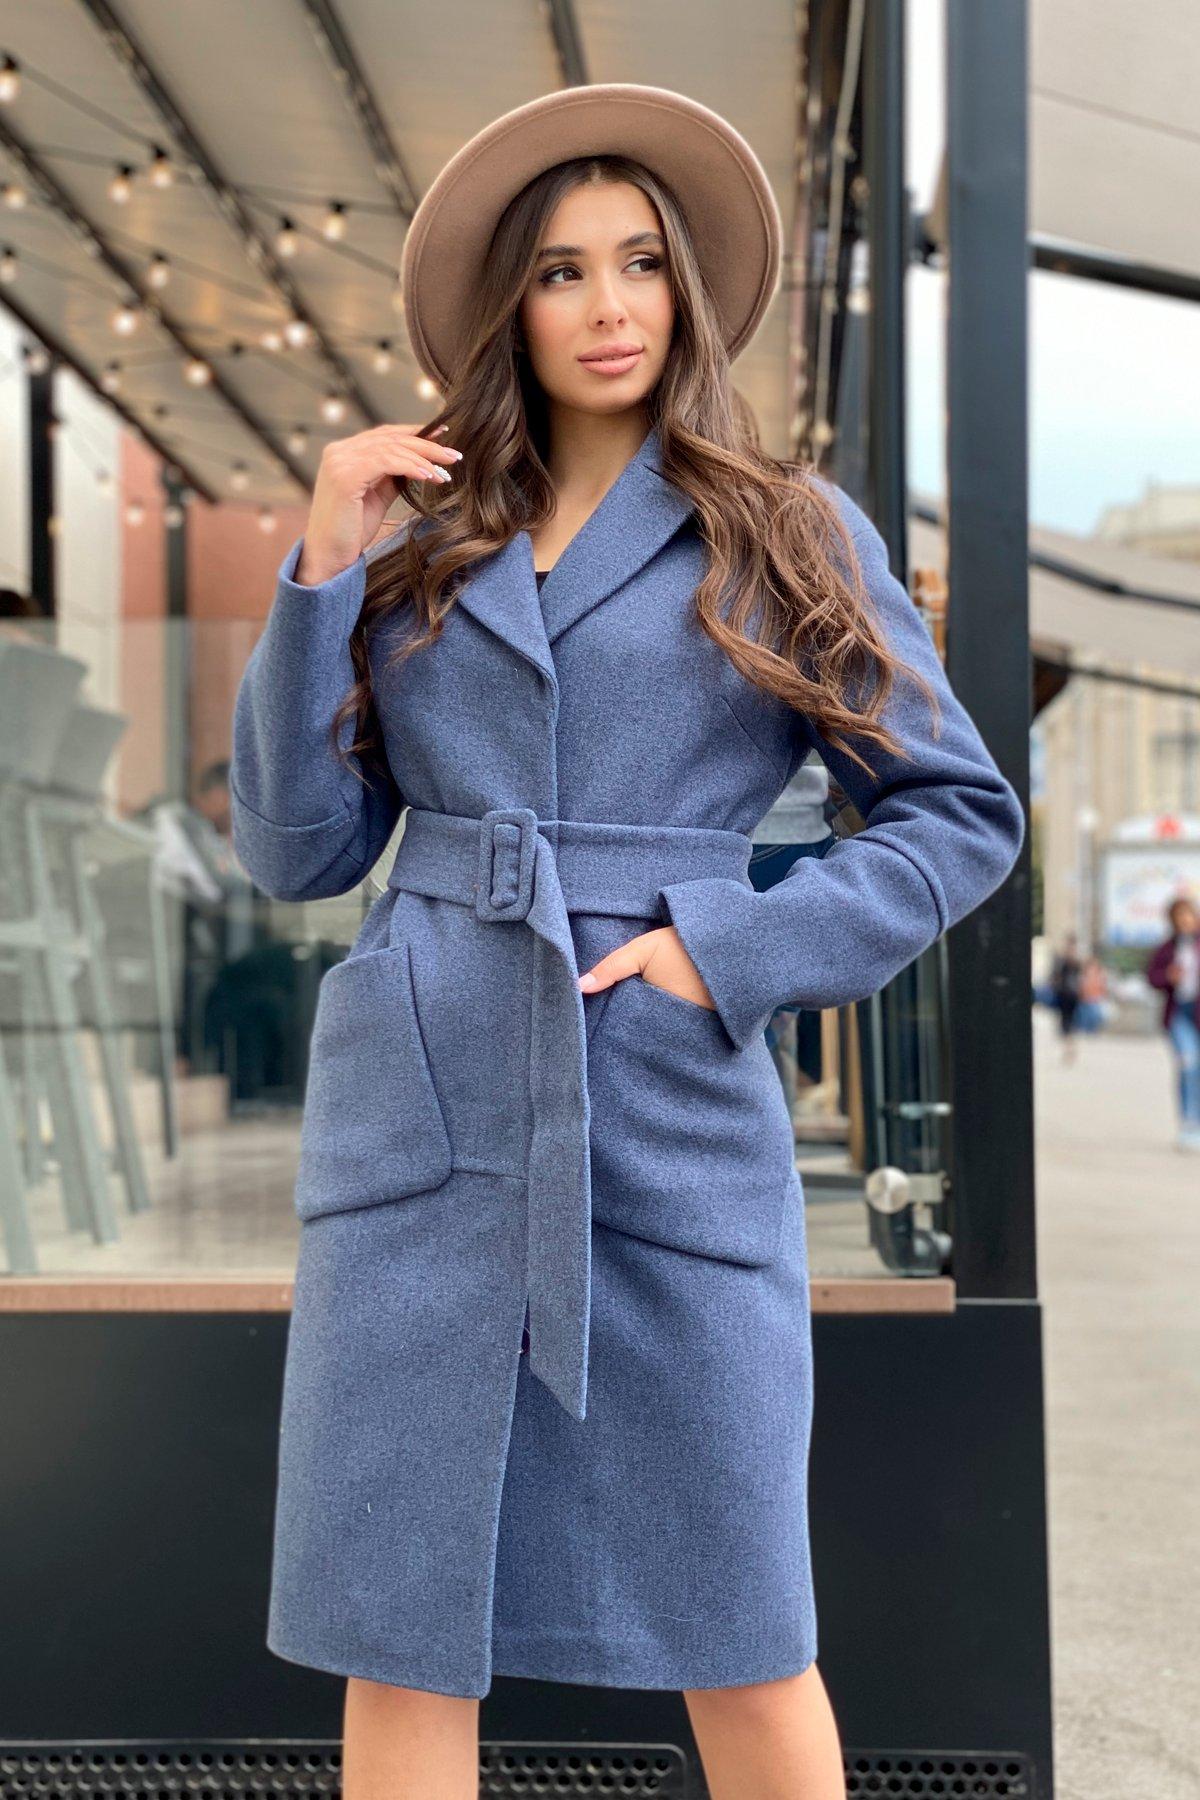 Элегантное зимнее пальто миди длины с накладными карманами Флорида 8138 АРТ. 44114 Цвет: Джинс тёмно-синий - фото 9, интернет магазин tm-modus.ru